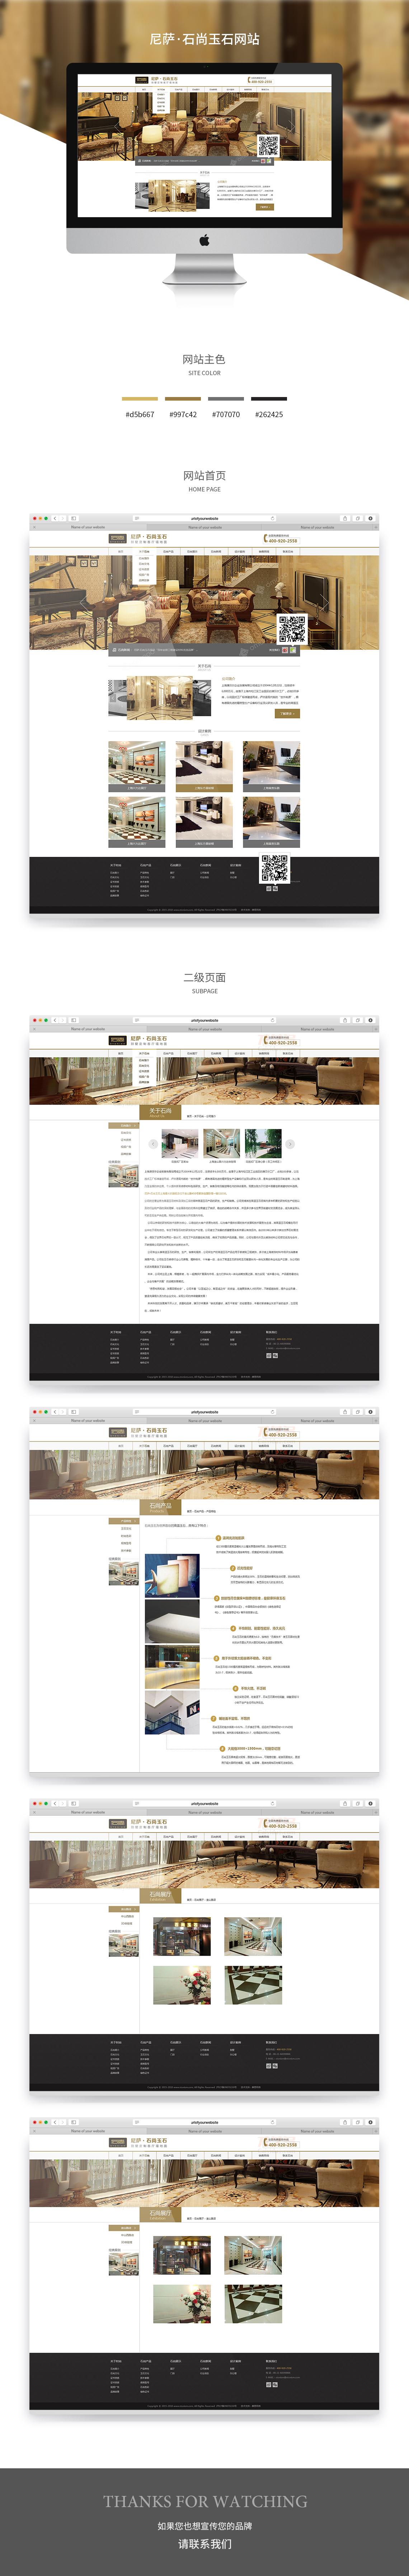 公司网站建设案例之尼萨•石尚玉石